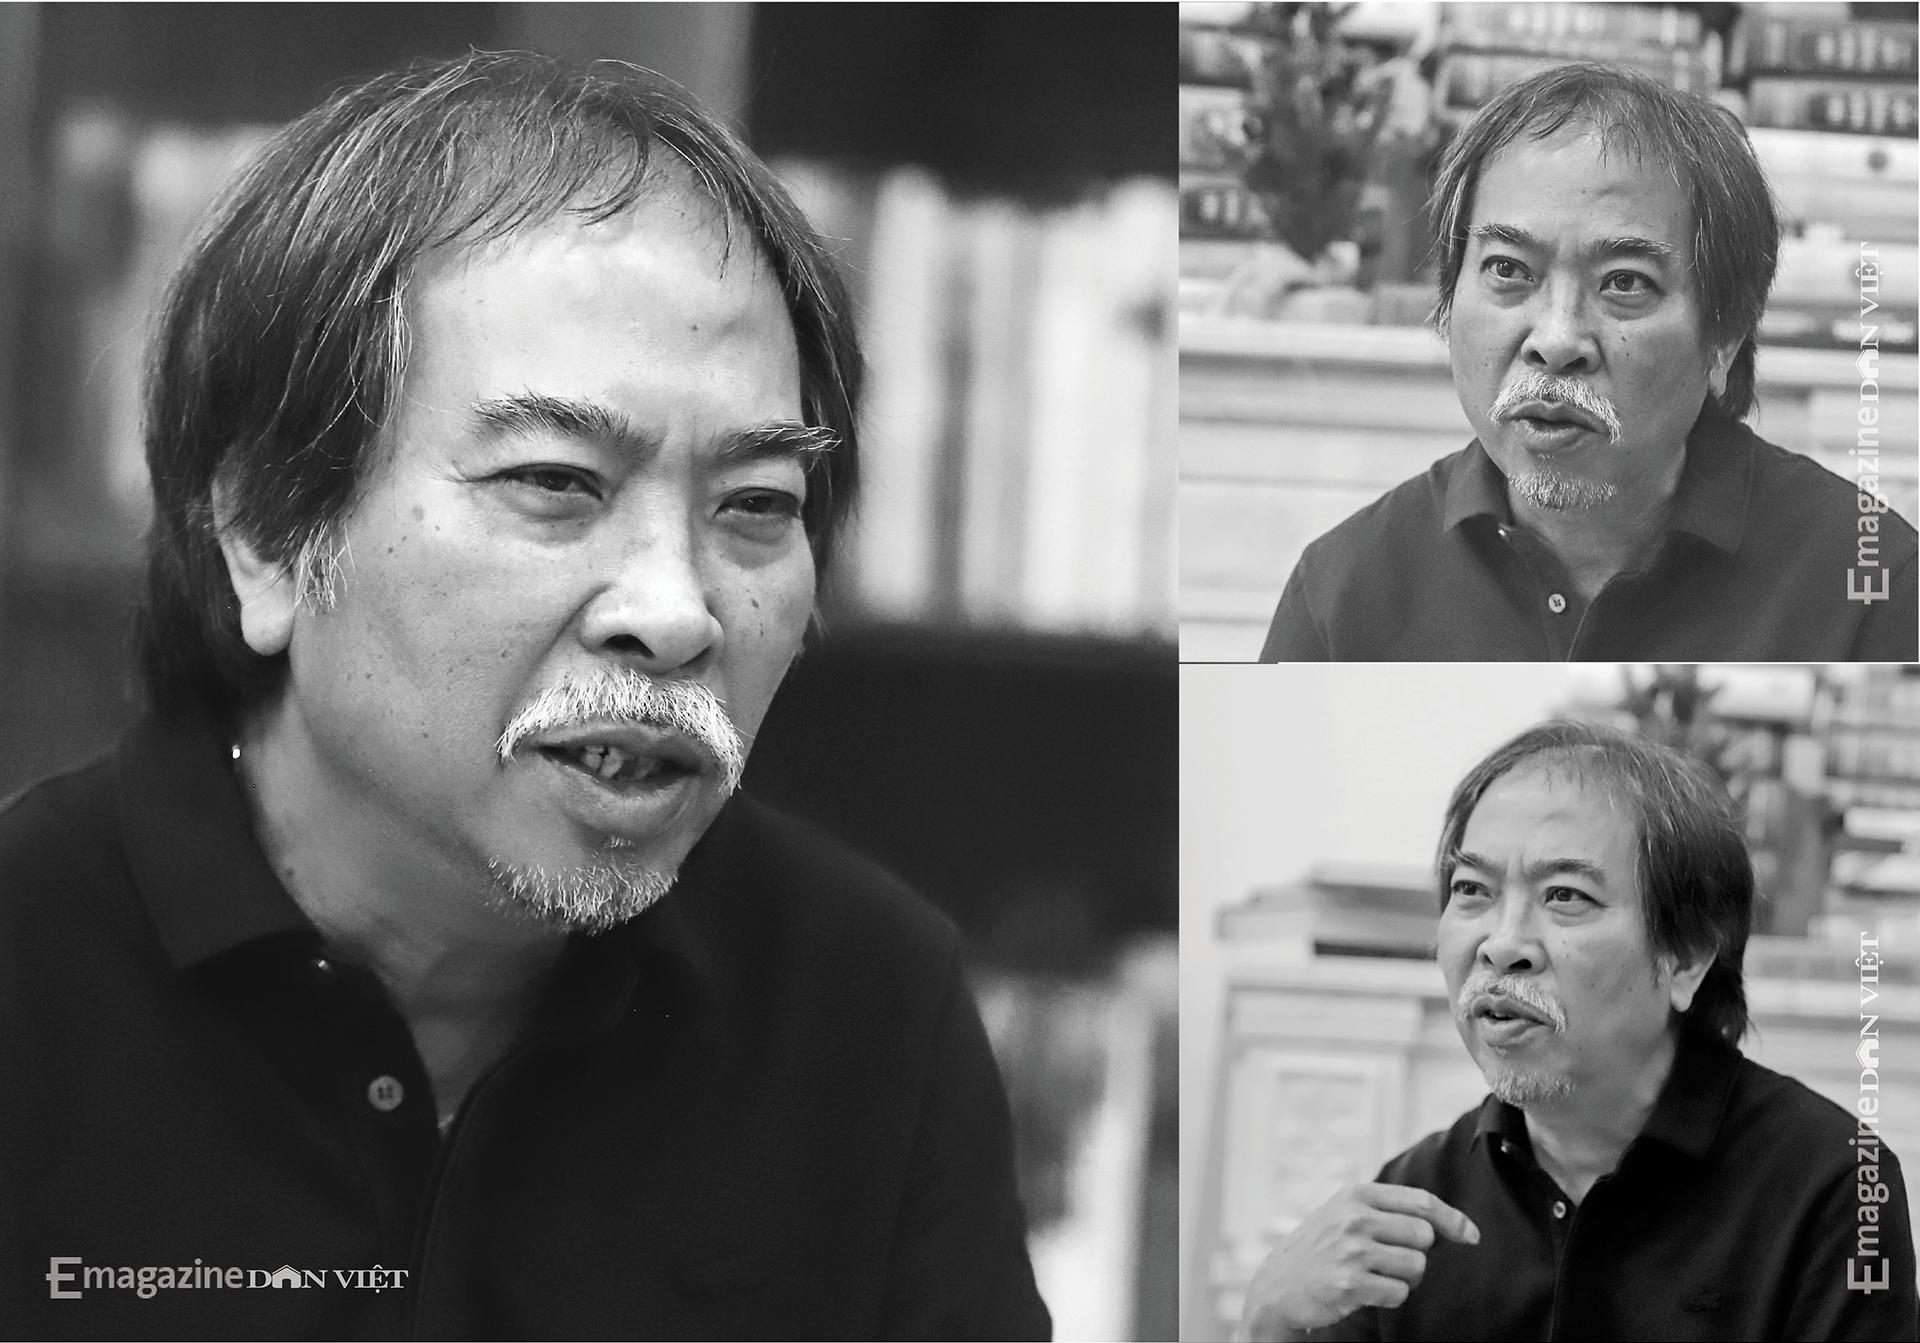 Nhà văn Nguyễn Quang Thiều: Sự đập cánh của đôi cánh tự do khác đôi chân của kẻ tuỳ tiện - Ảnh 12.